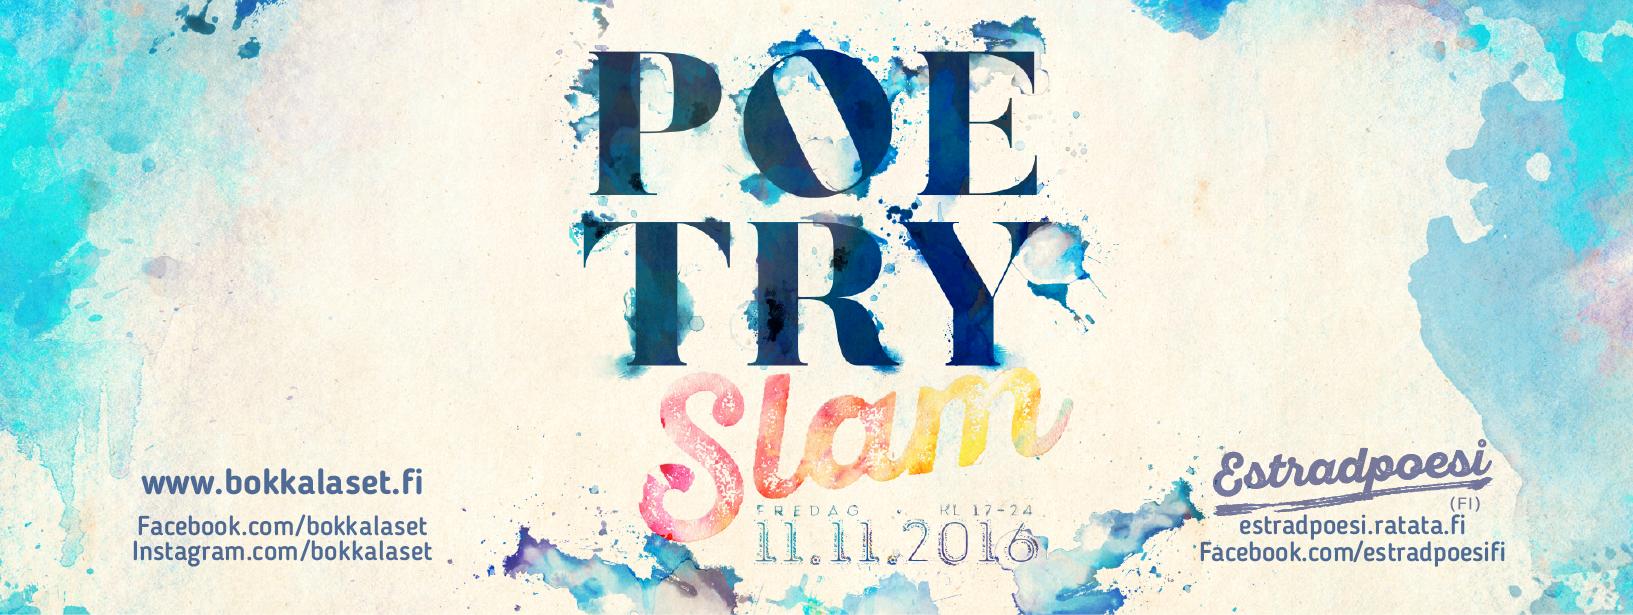 poetry slam estradpoesi bokkalaset bittes bar 2016